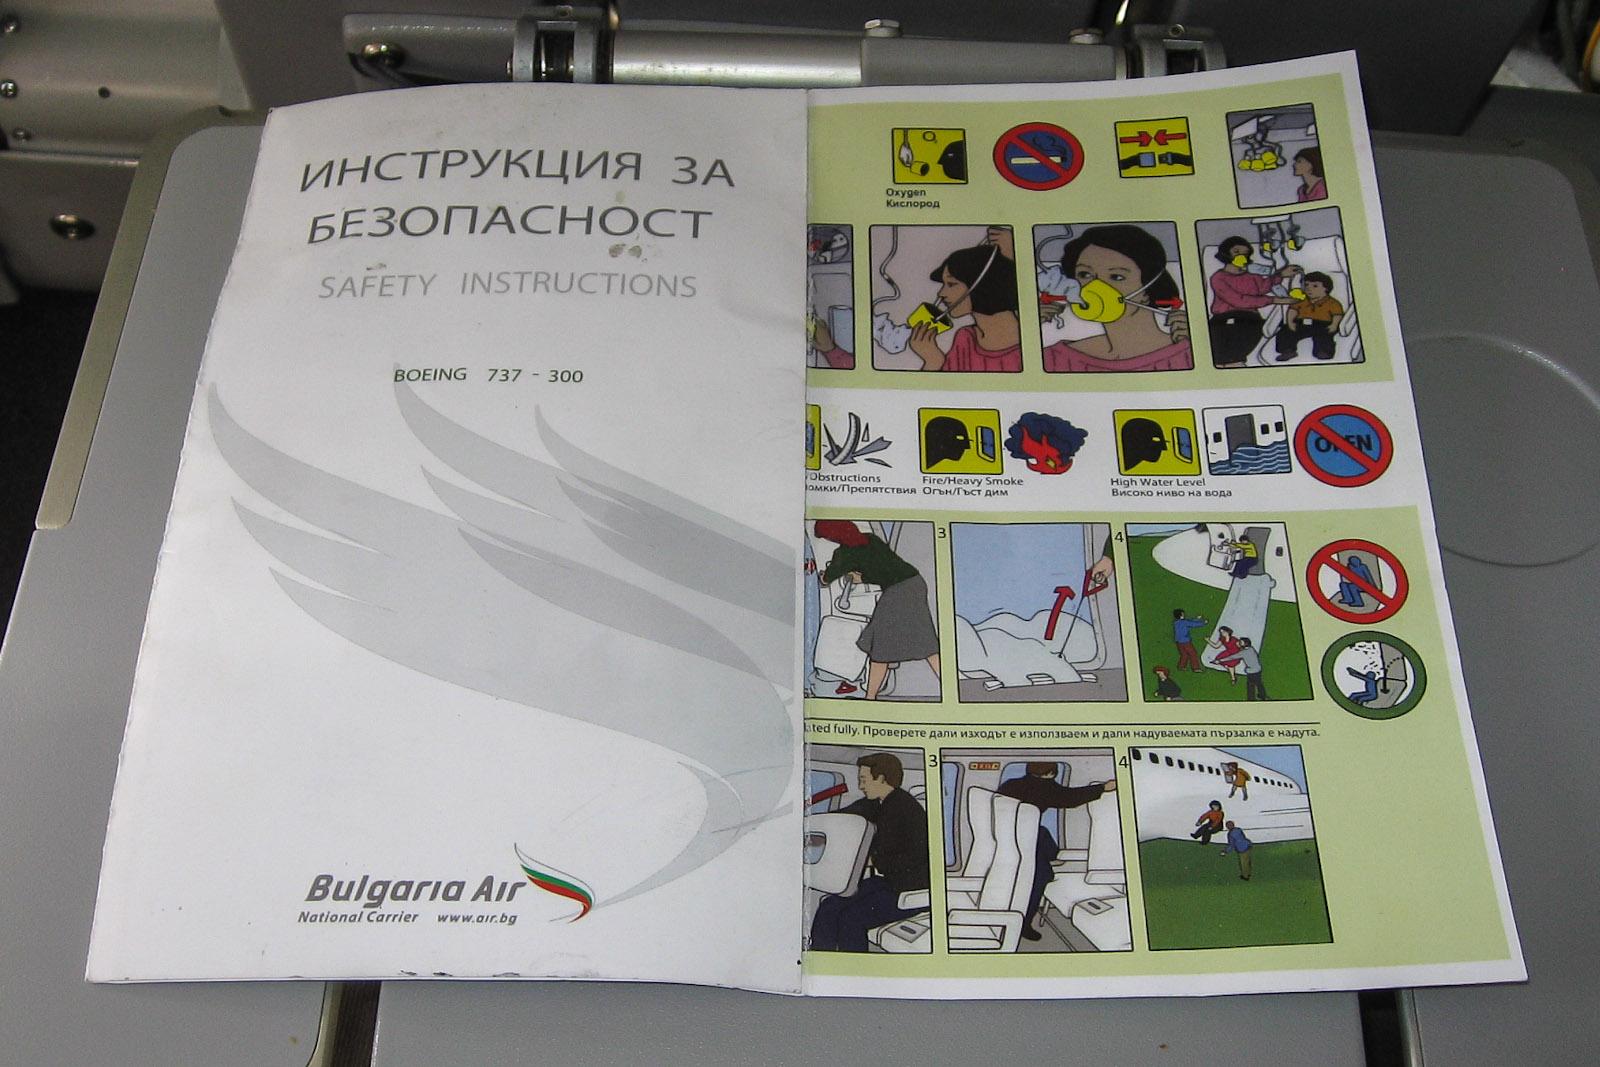 Инструкция по безопасности в самолете Боинг-737-300 авиакомпании Bulgaria Air